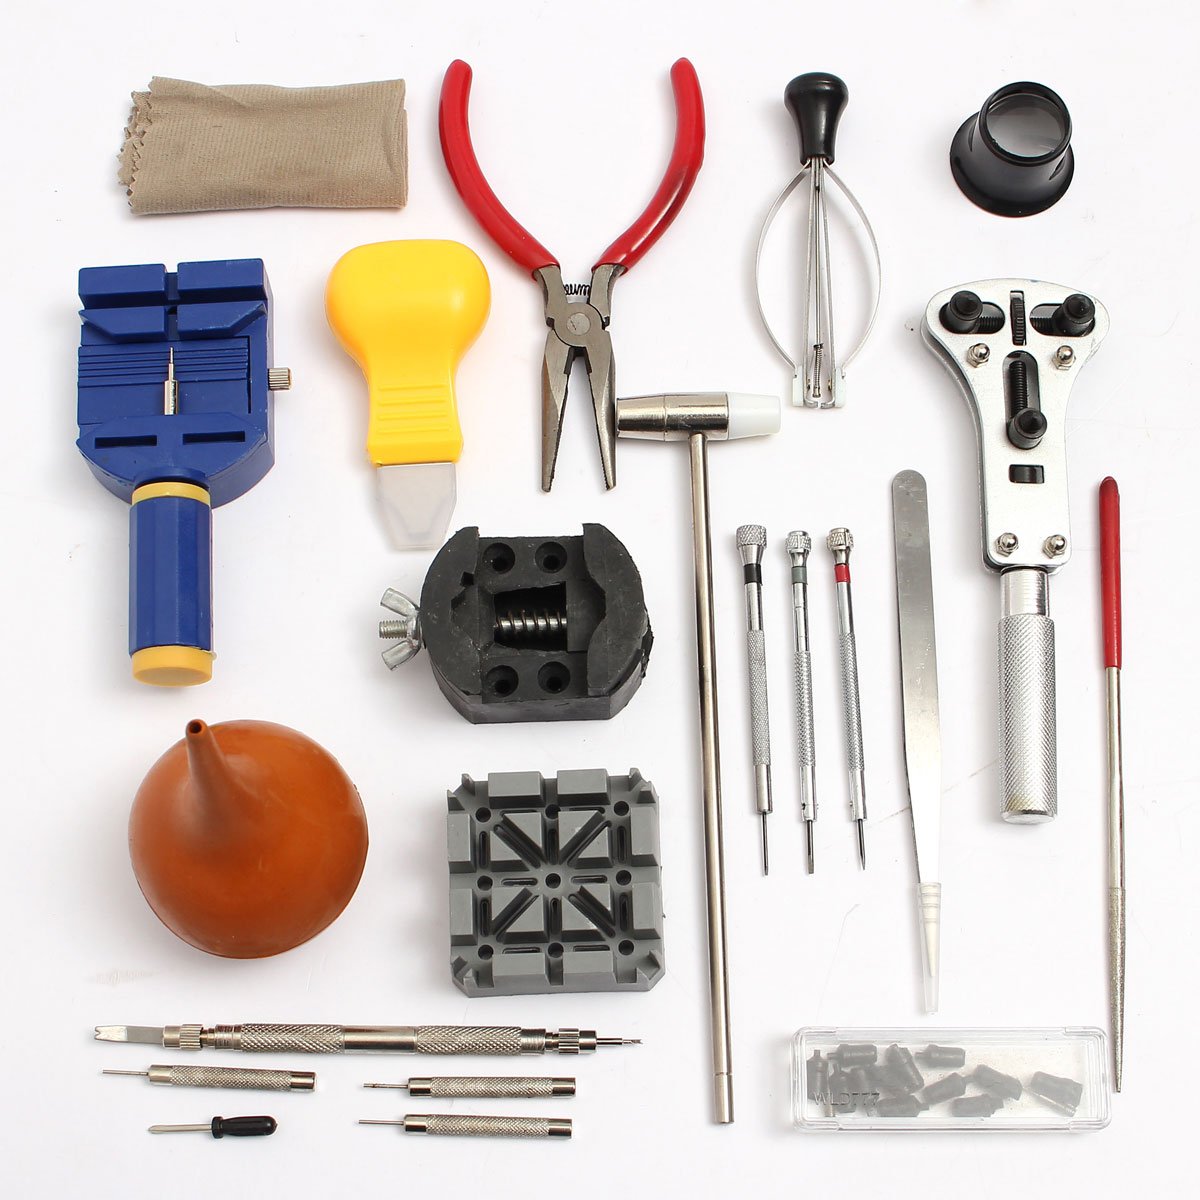 kit 22 tournevis outil r paration montre couteau ouvre boitier horloger case ebay. Black Bedroom Furniture Sets. Home Design Ideas